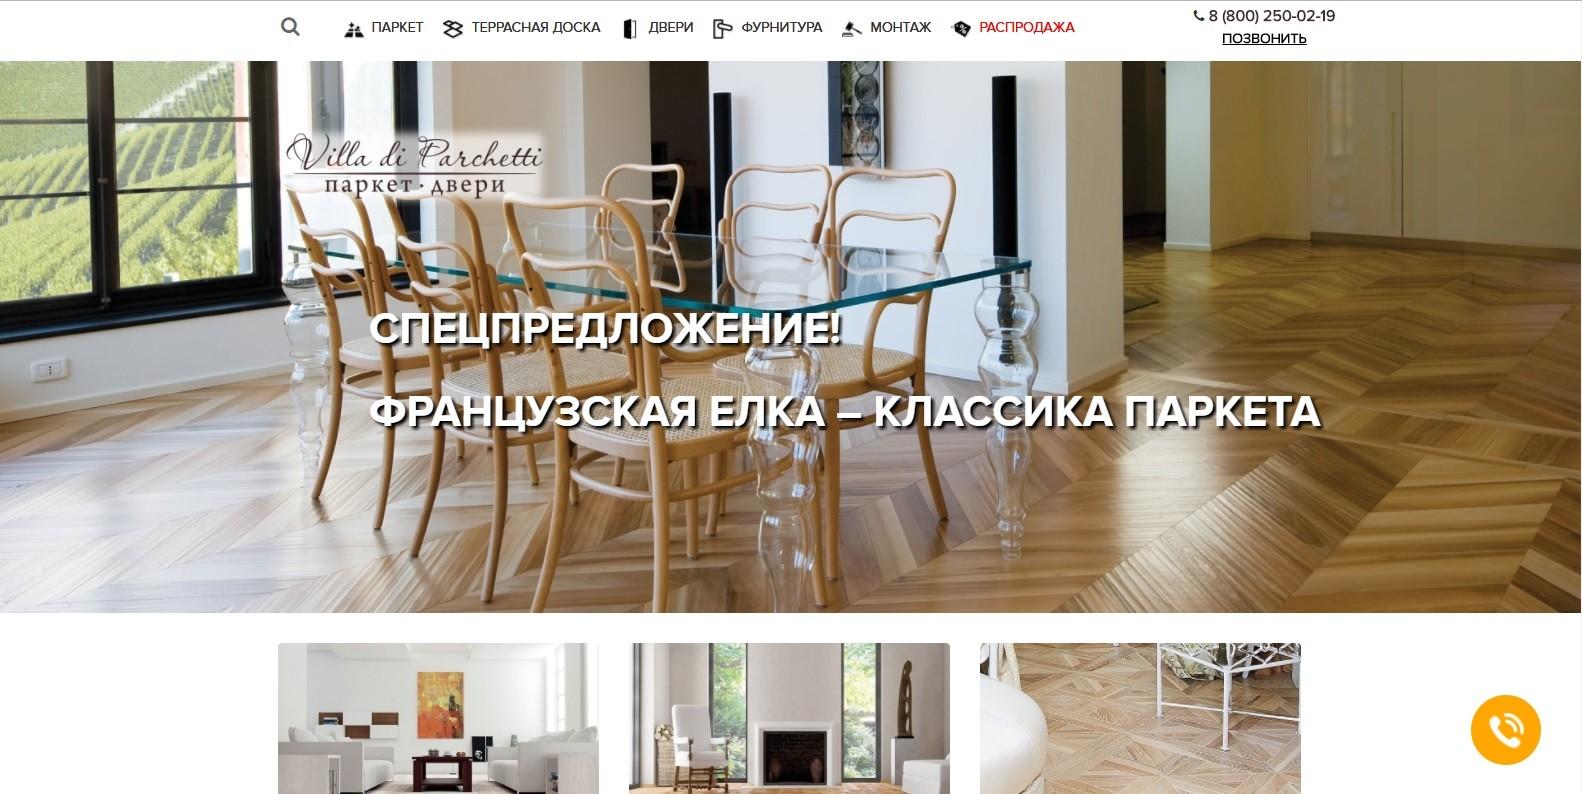 Parchetti.ru